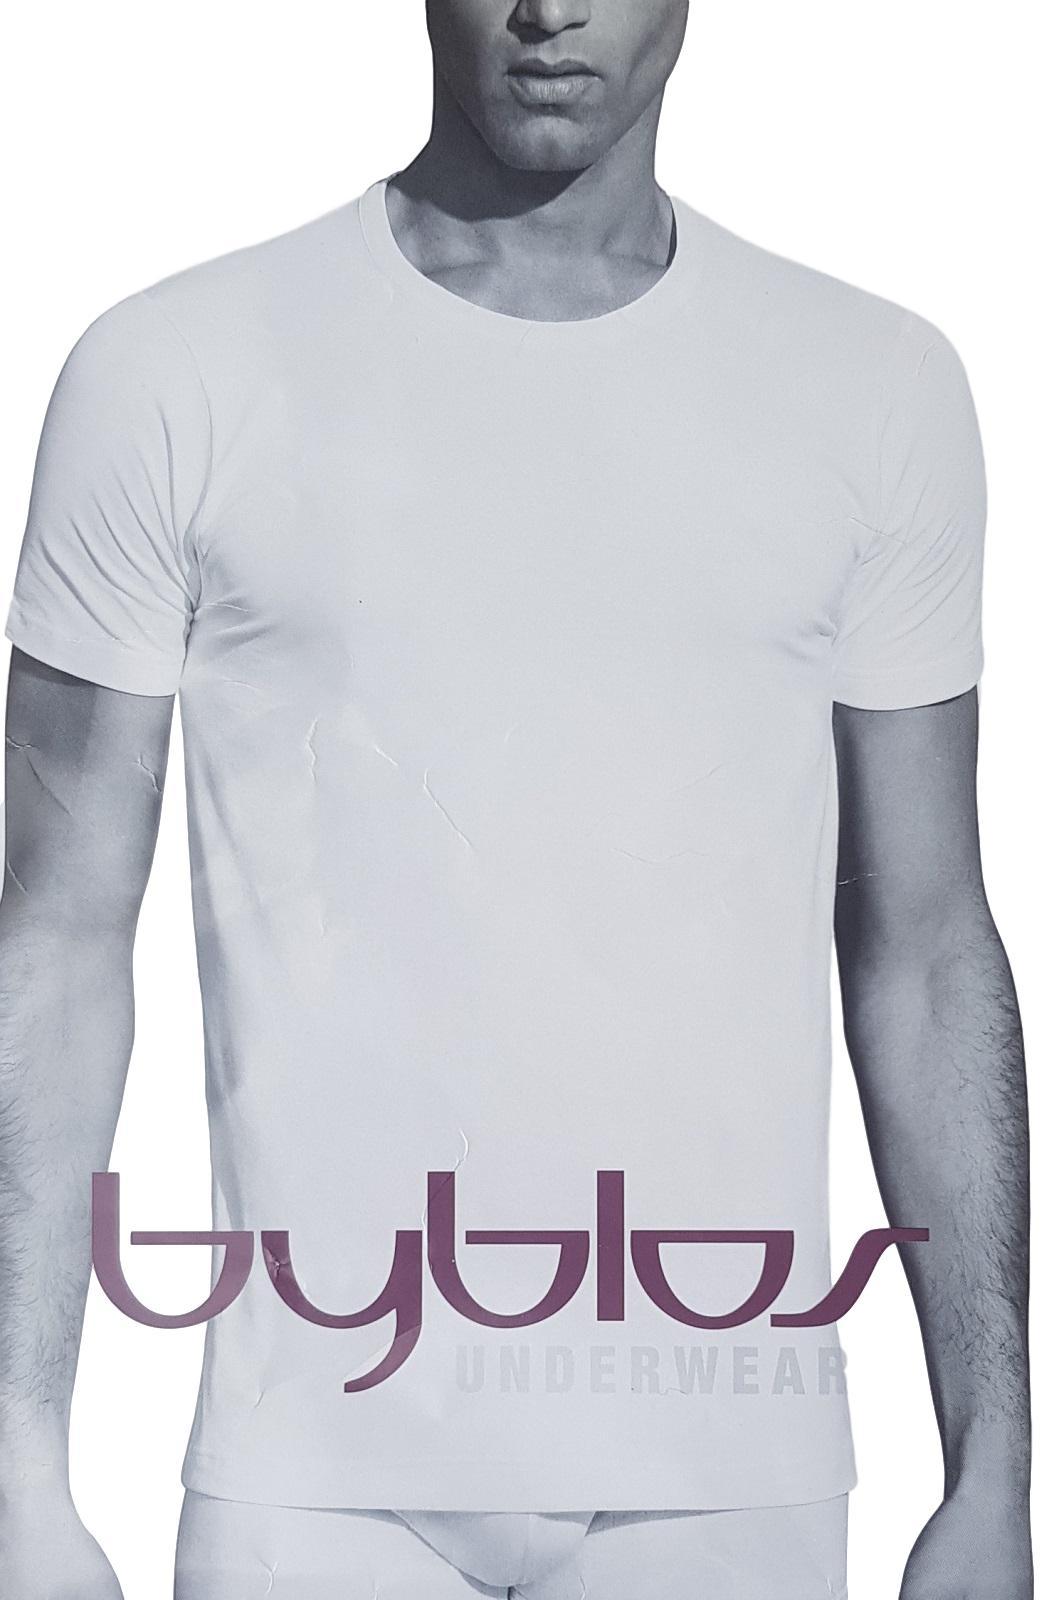 T-Shirt uomo, maglietta intima manica corta girocollo in Cotone BYBLOS 680702